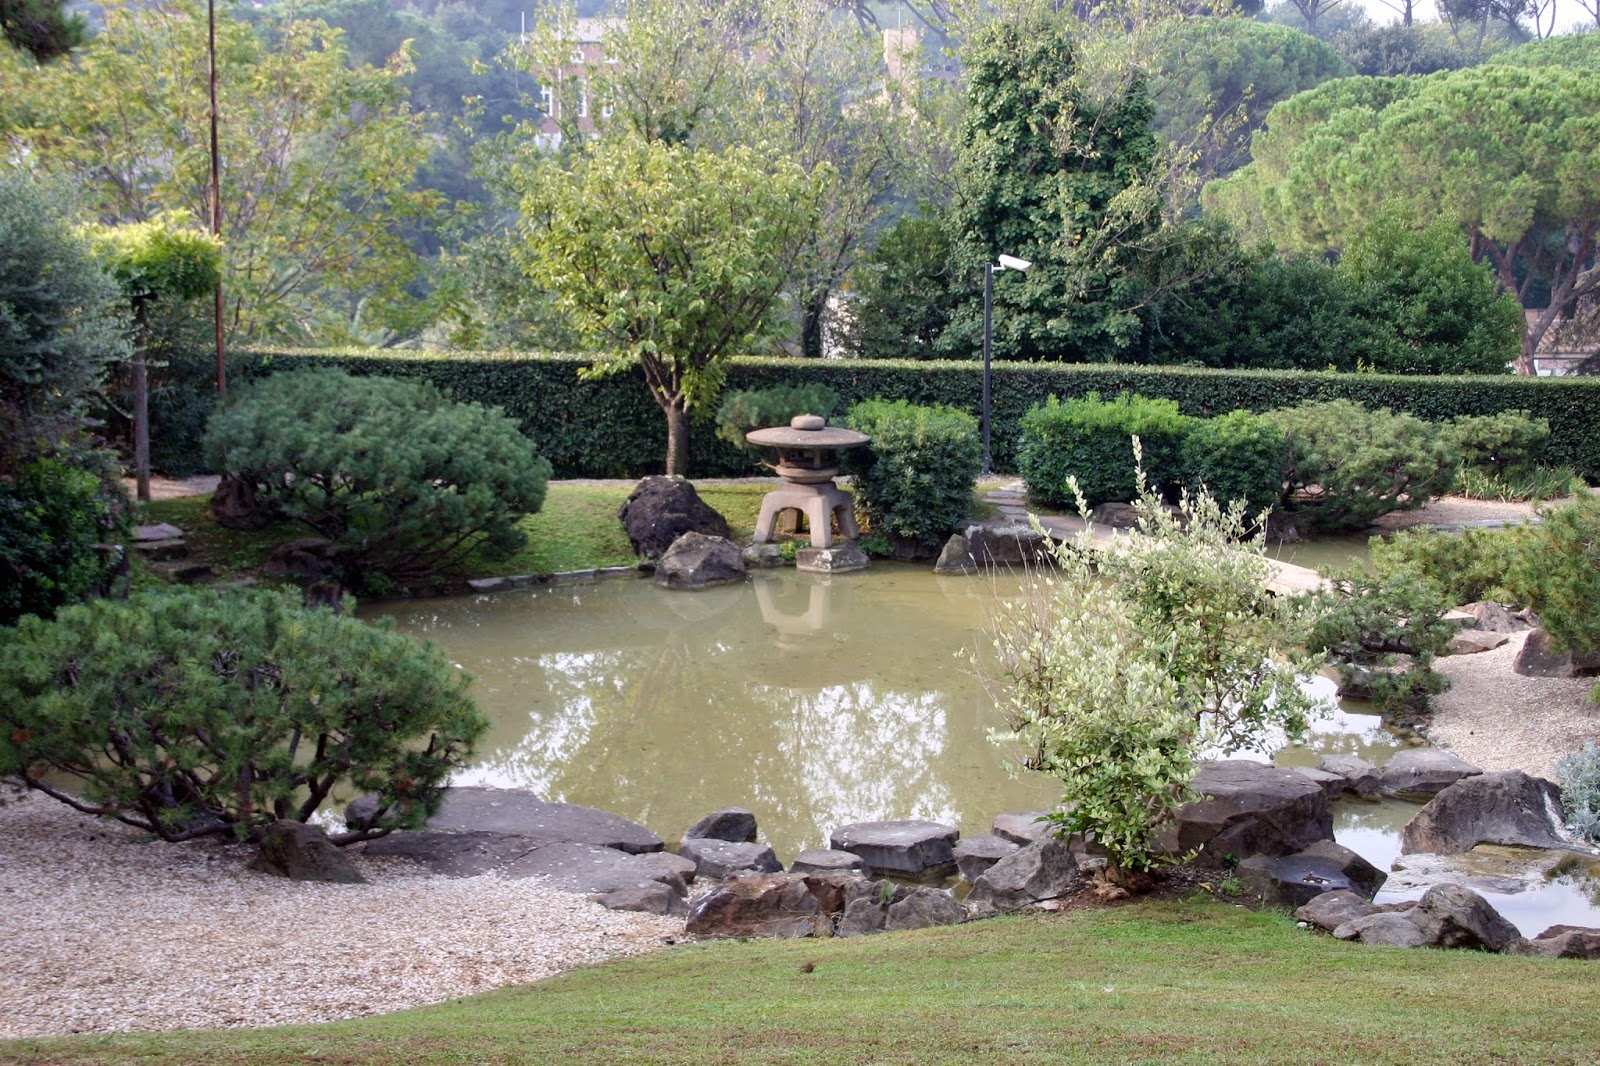 Aprono a roma i giardini giapponesi for Giardini giapponesi milano